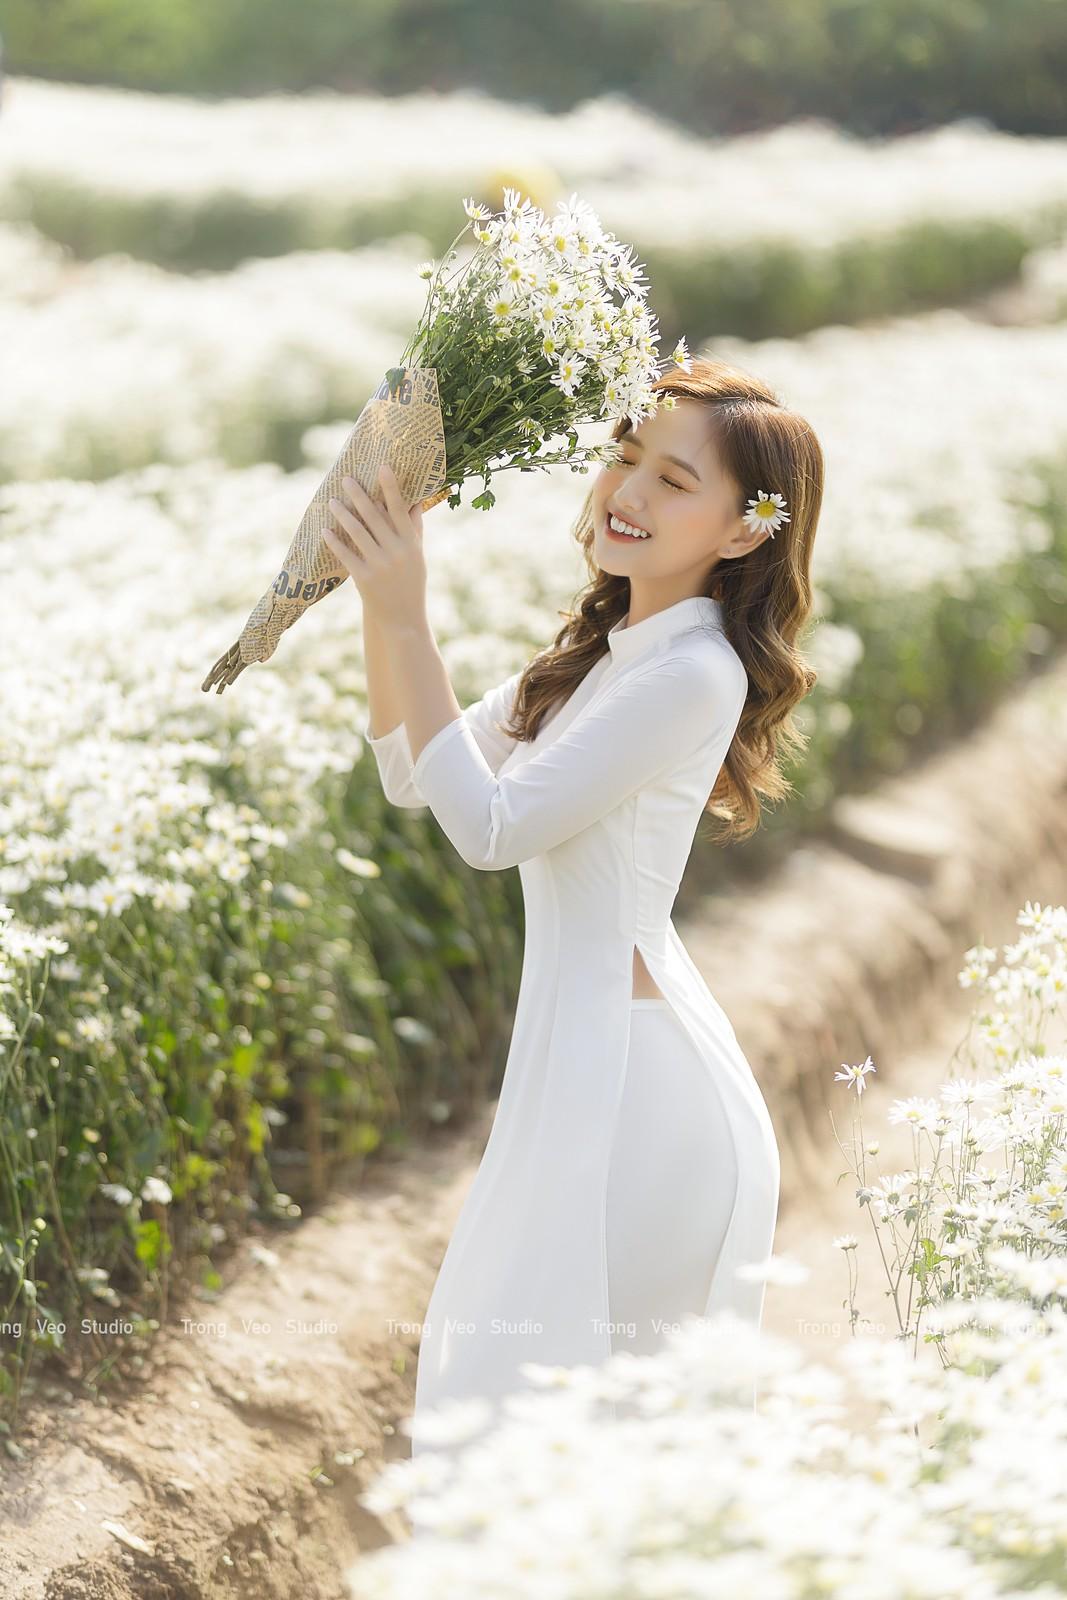 Ngắm hot Girl Thu Hương xinh đẹp như hóa trong tà áo dài trắng bên cúc họa mi - 17